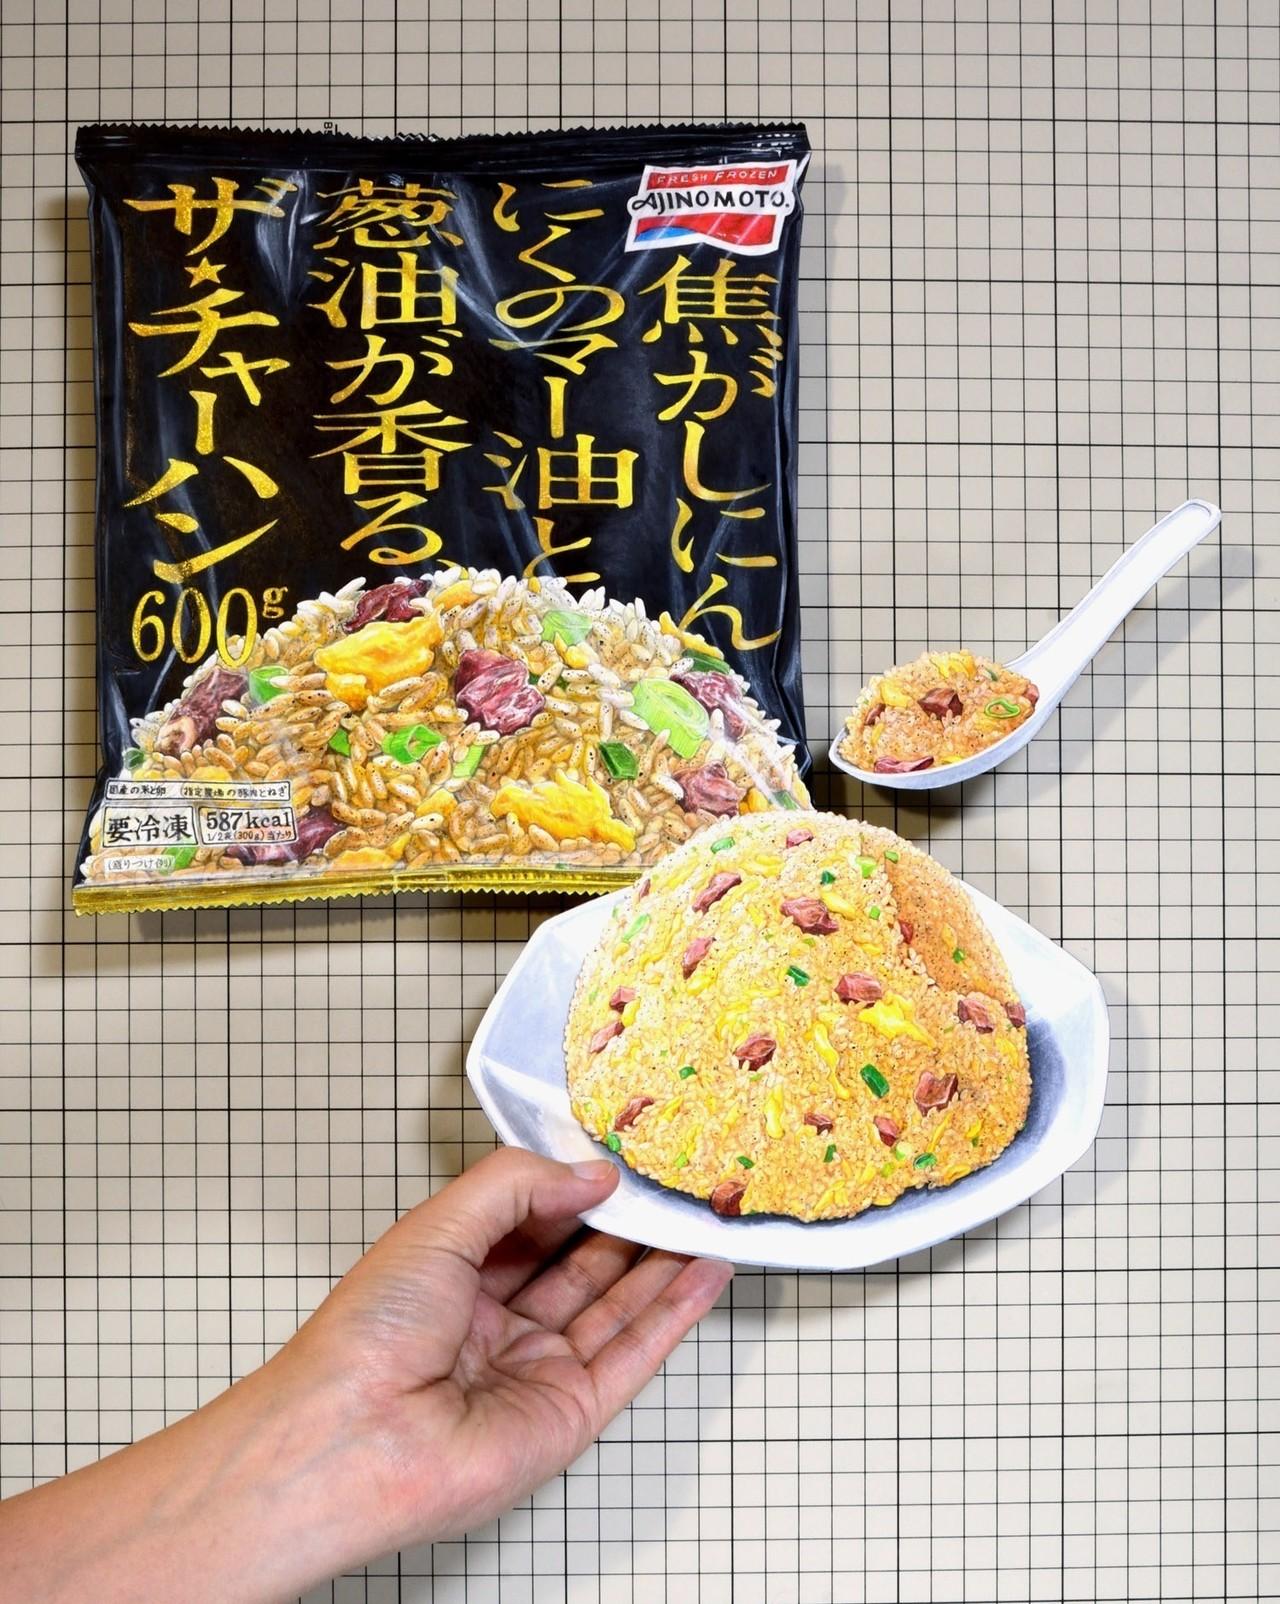 味の素 冷凍食品 「焦がしにんにくのマー油と葱油が香る、ザ★チャーハン 600g」